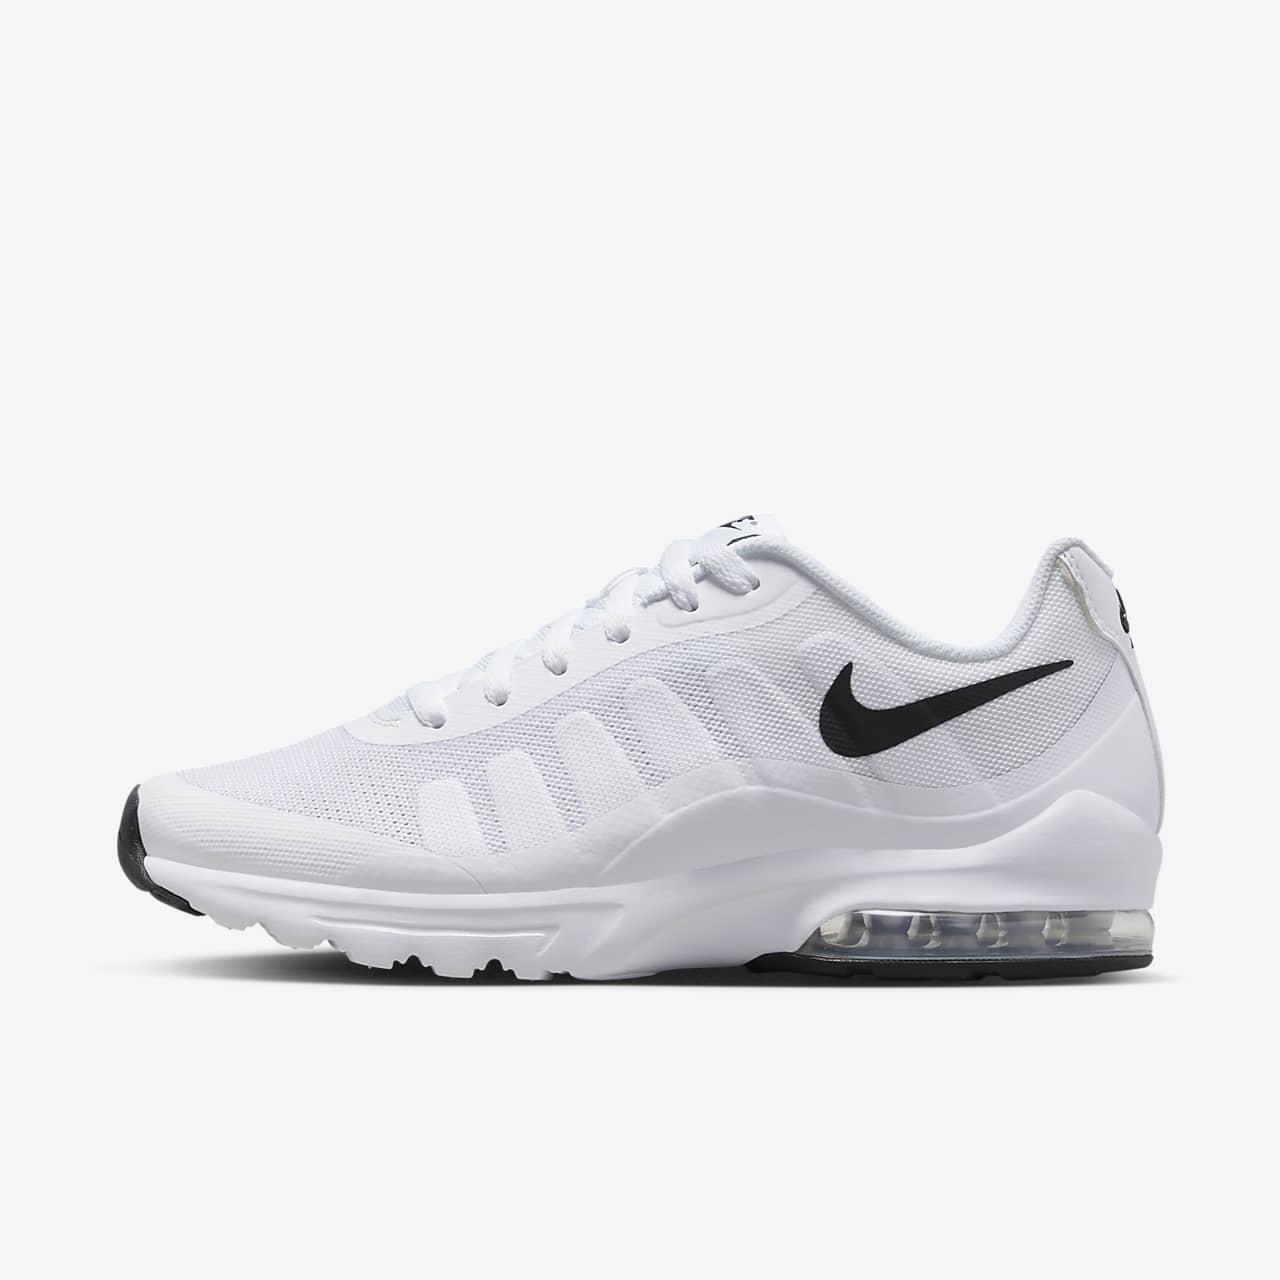 Pánská bota Nike Air Max Invigor